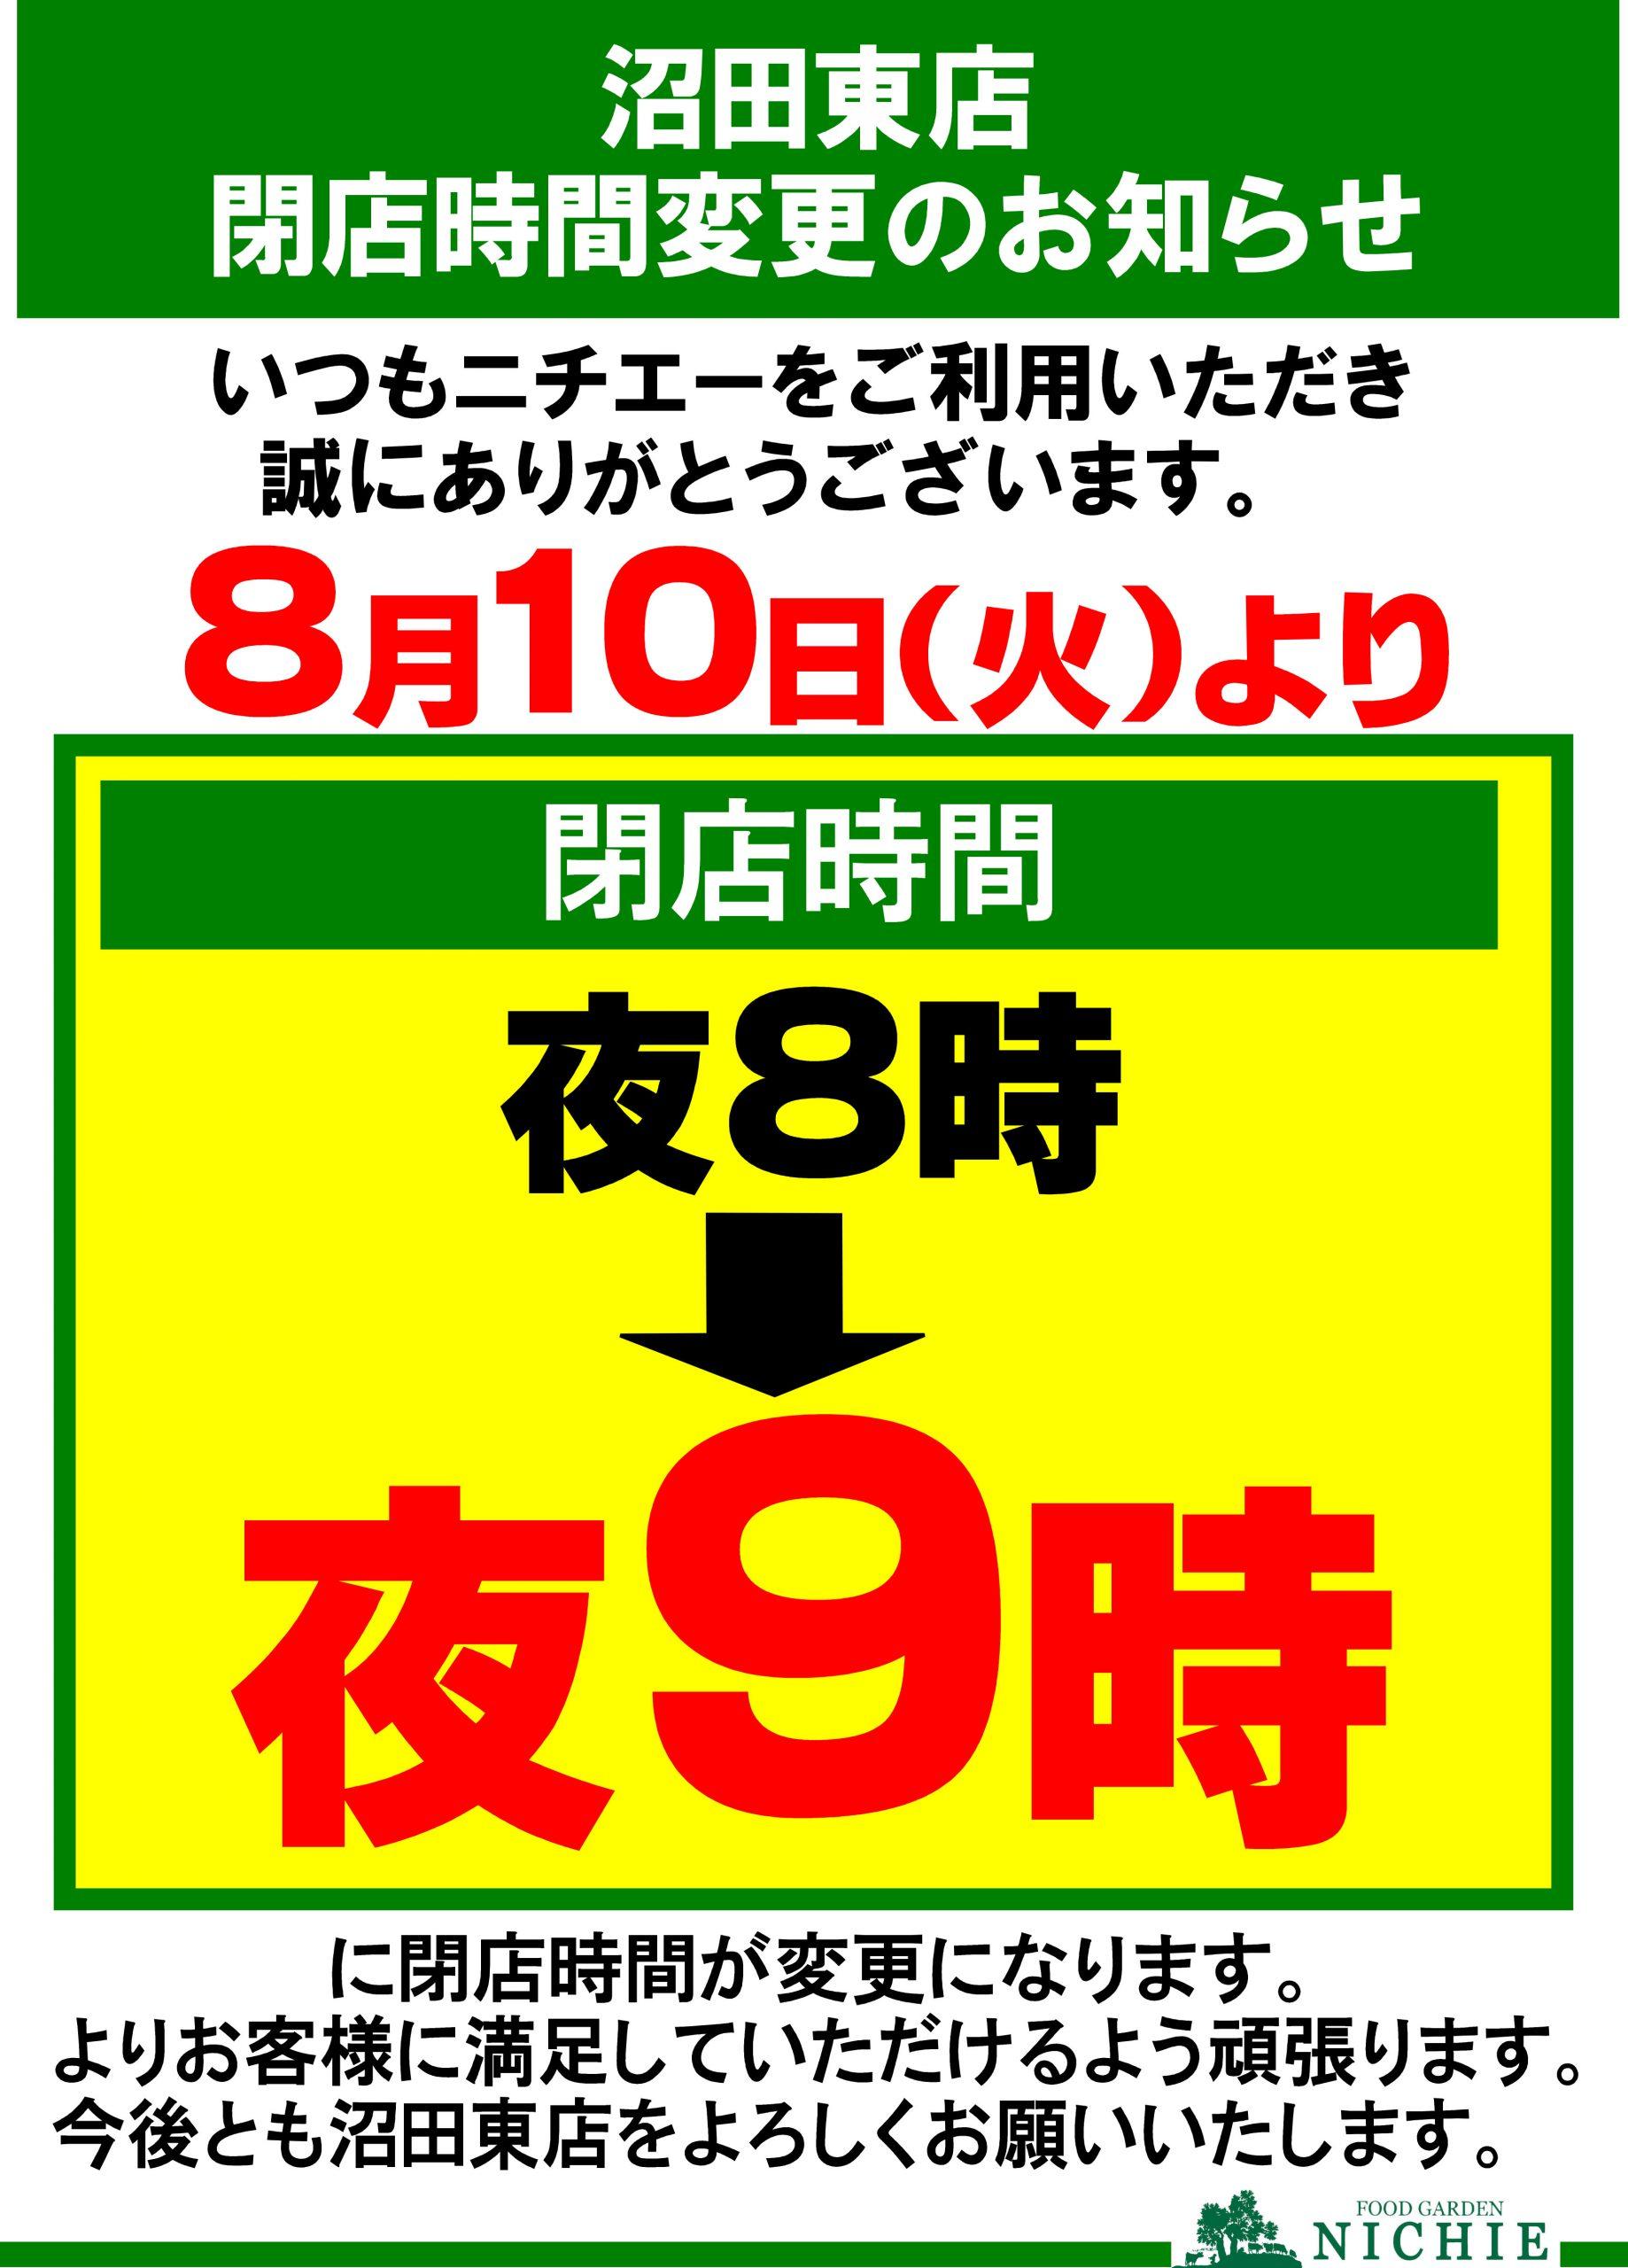 沼田東店閉店時間変更